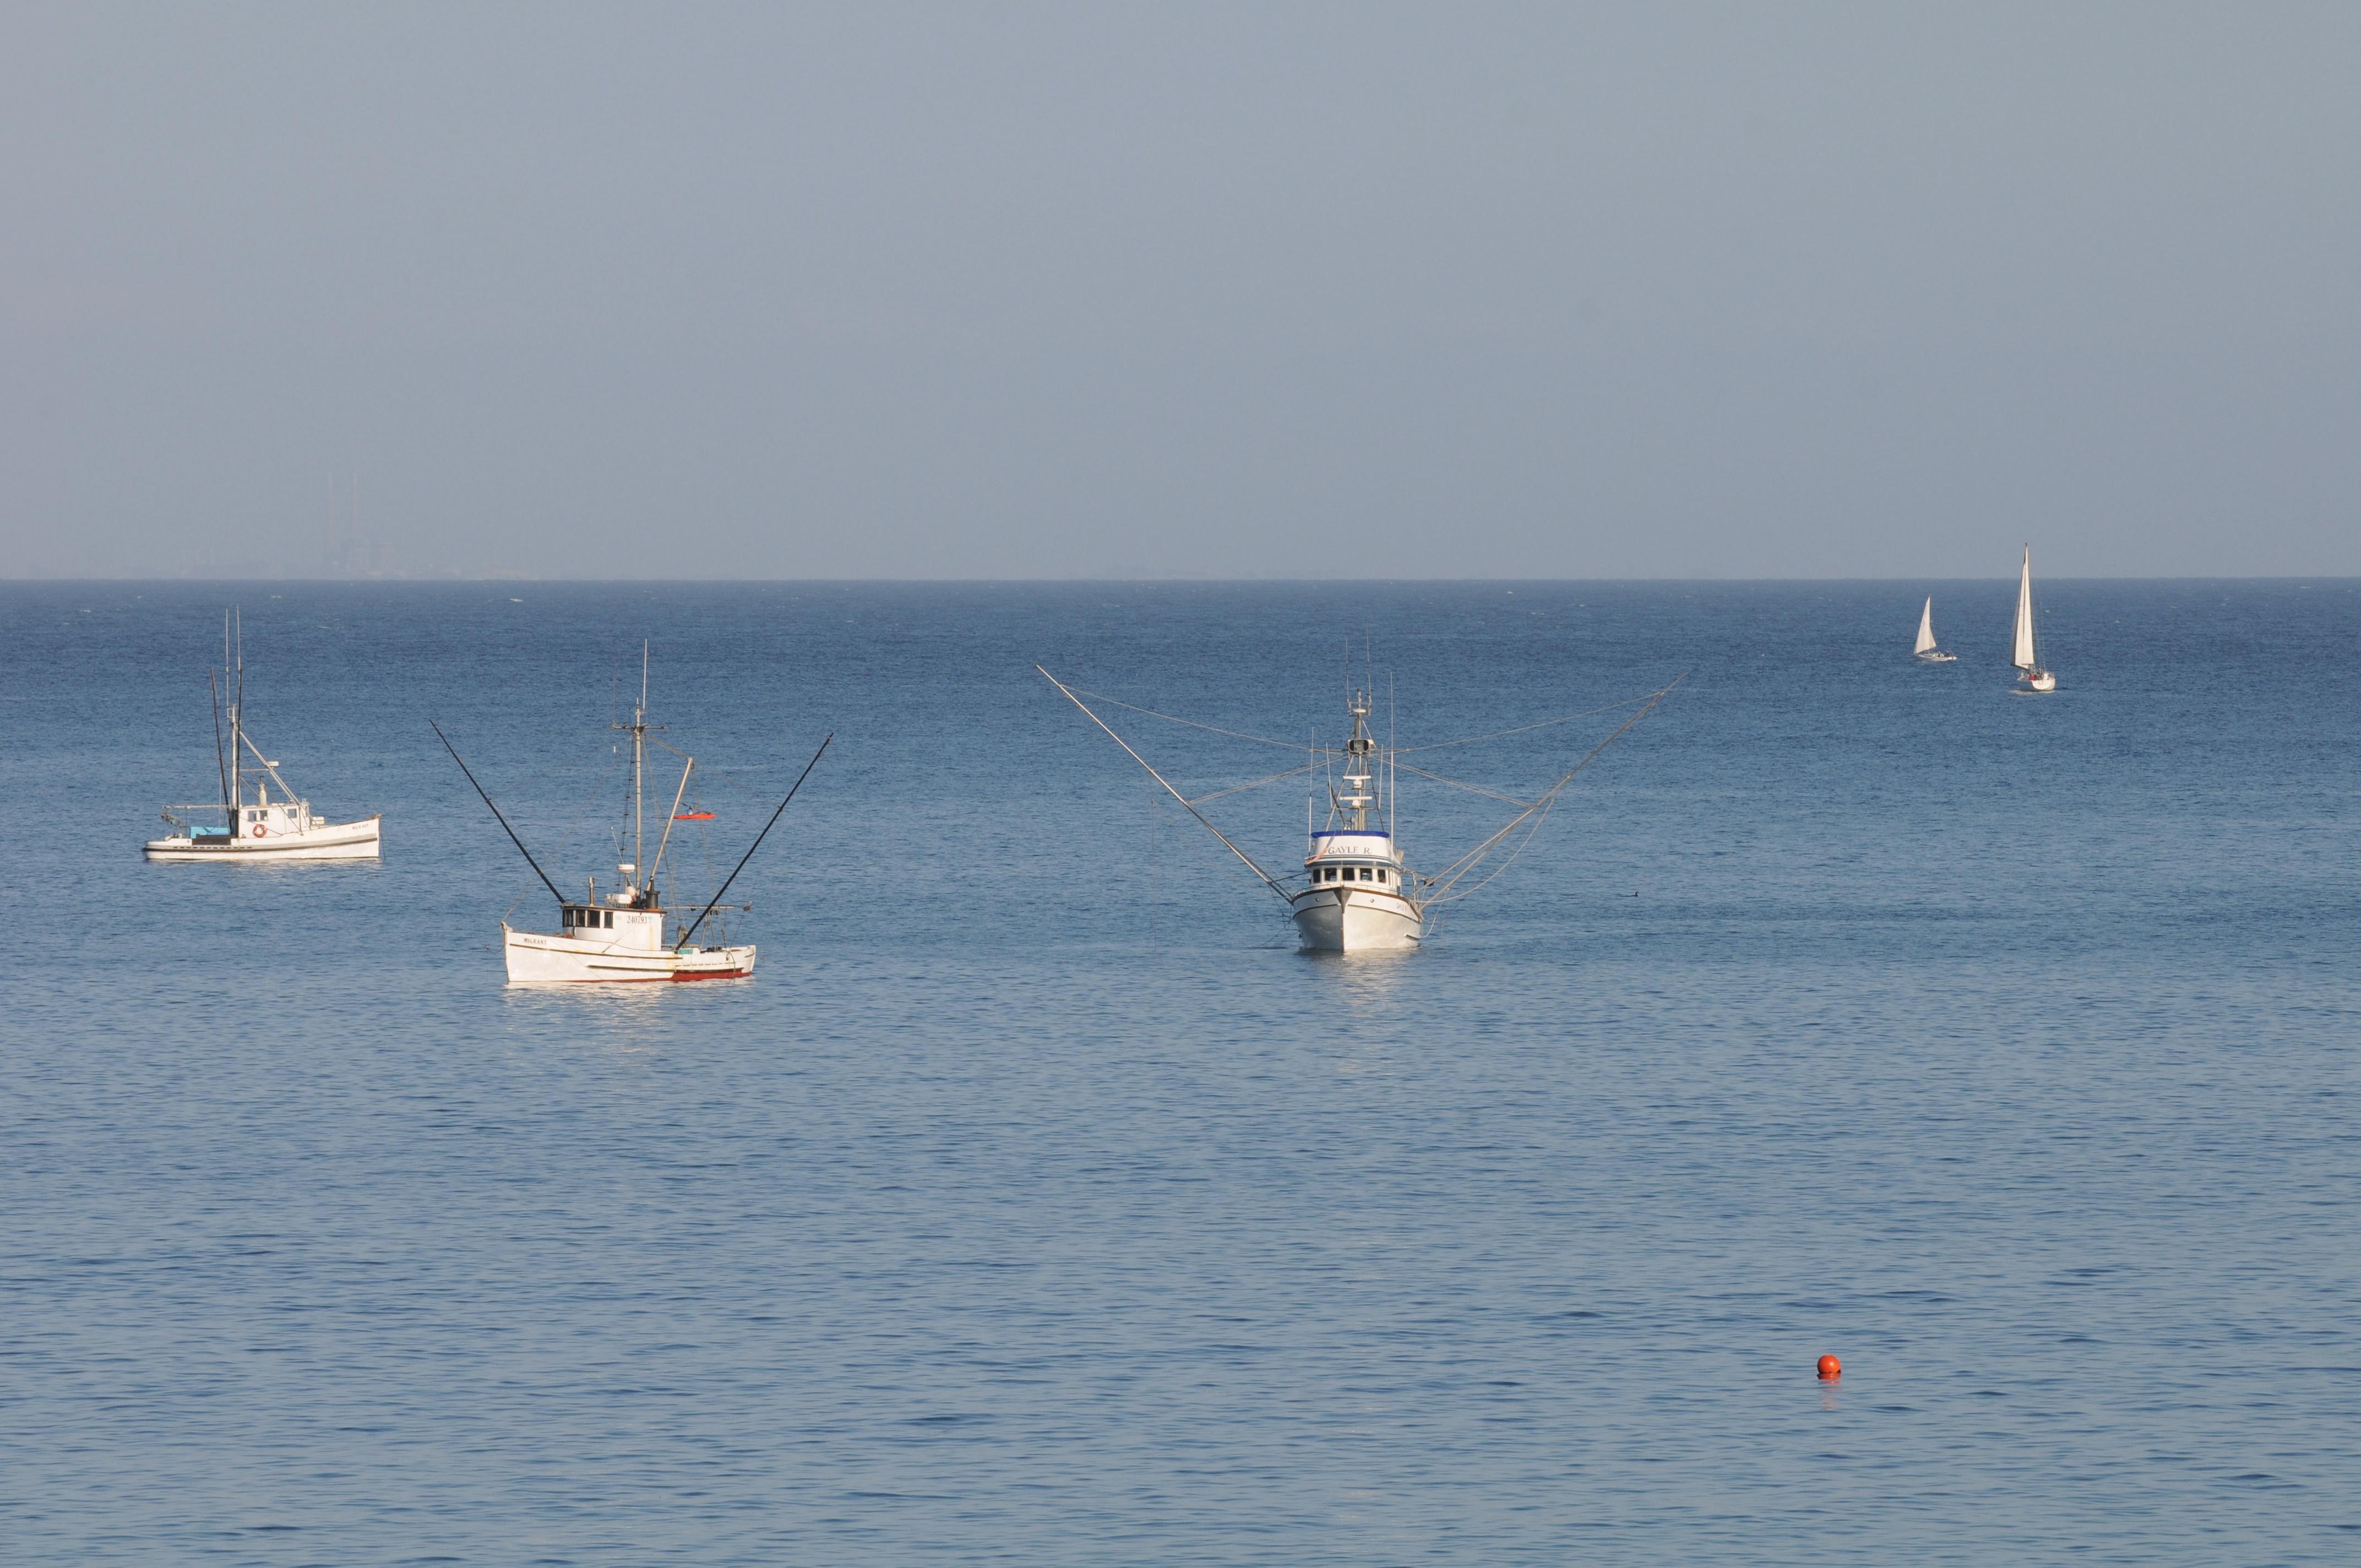 Boats on sea near shore photo